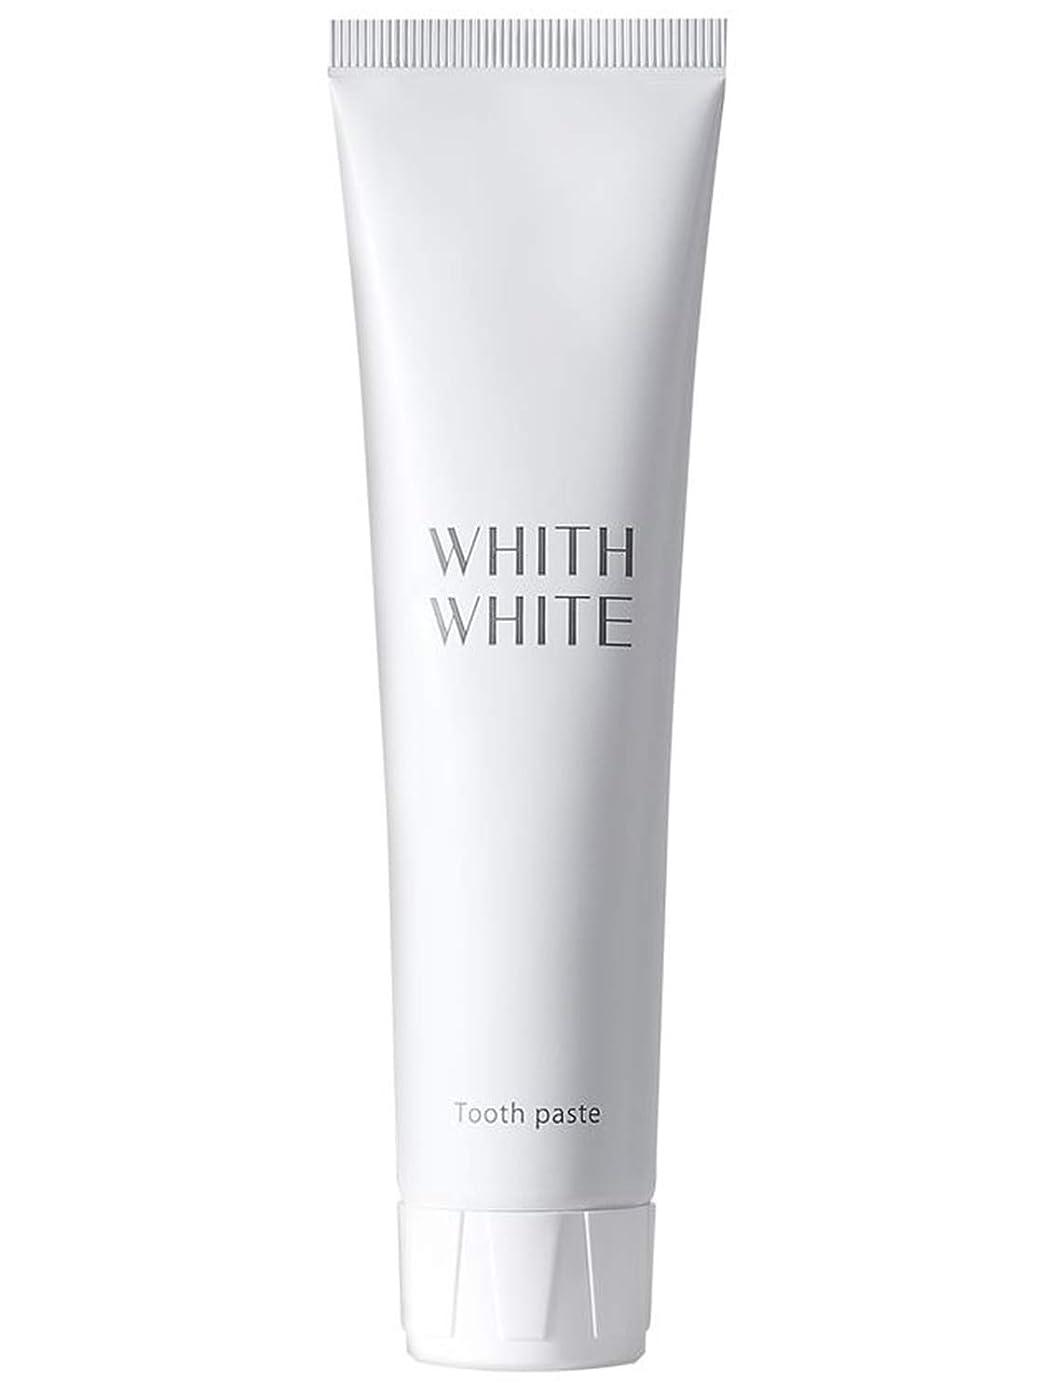 典型的な草パリティホワイトニング 歯磨き粉 フィス ホワイト 医薬部外品 薬用 歯磨き 【 歯周病 口臭予防 フッ素 キシリトール 配合 】「 歯 を 白く する はみがき粉 」「 子供 にも使える 大人 こども 日本製 120g 」